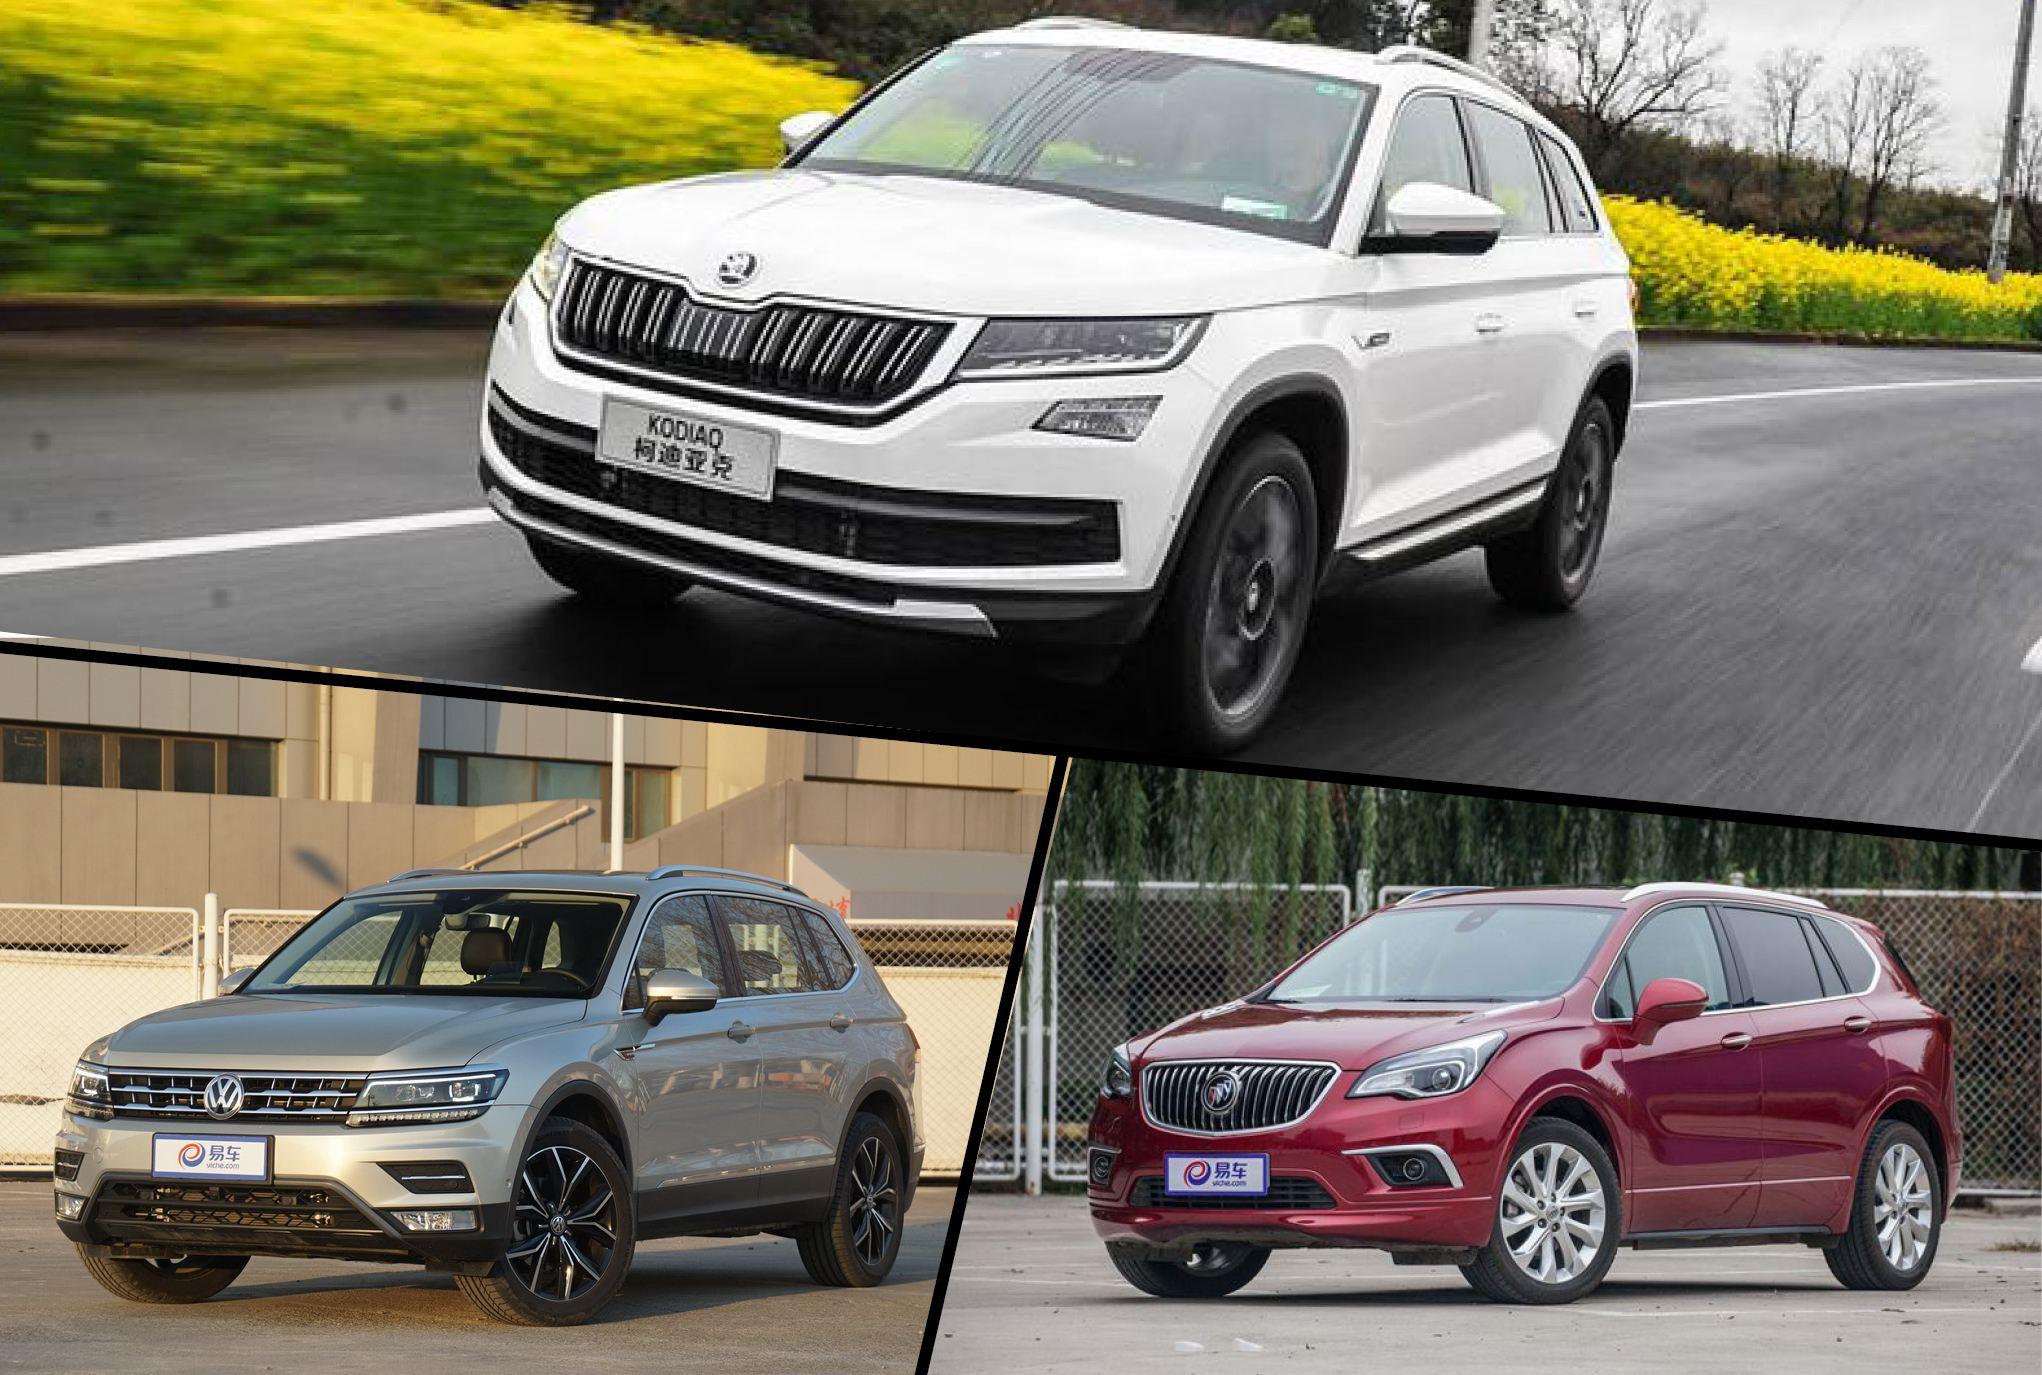 2017年合资中级SUV市场大观 柯迪亚克/途观L/昂科威谁是主力?